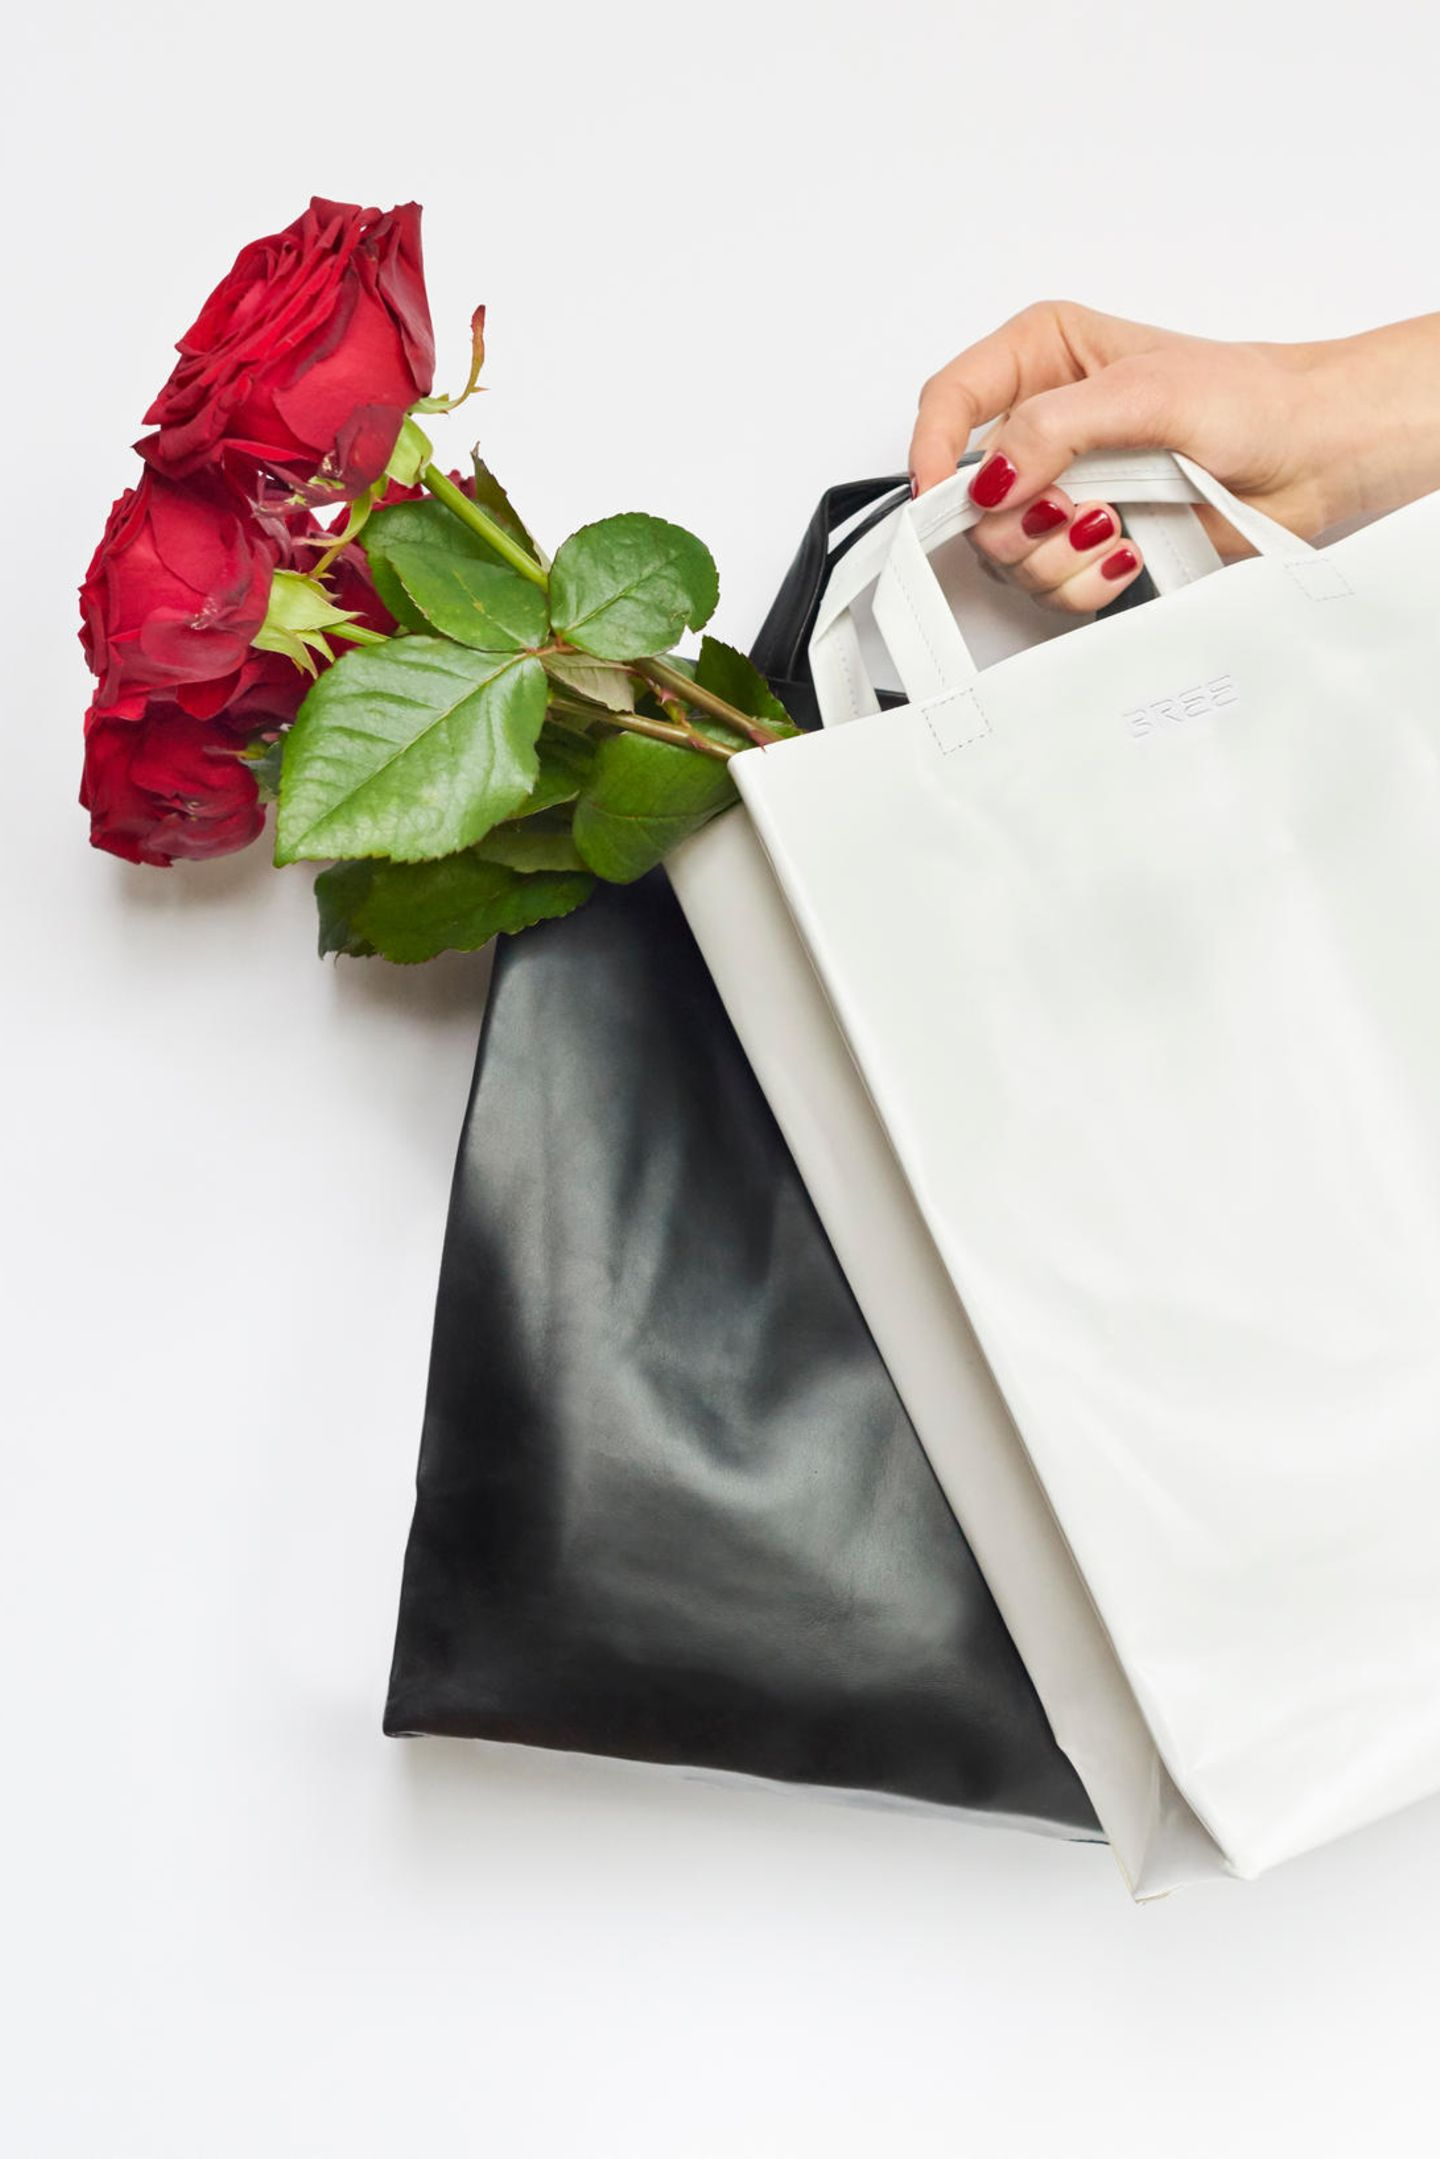 Simply Love: Pünktlich zum Valentinstag launchiert Bree eine auf 100 Stück limitierte Sonderedition der Unisex Simple Bag in kontrastierendem Schwarz und Weiß. Die perfekte Tasche für Sie und Ihn. Besonderer Clou: Im Innenleben der Tasche befindet sich eine Goldprägung mit der Aufschrift For Her/For Him. Ca. 159 Euro.